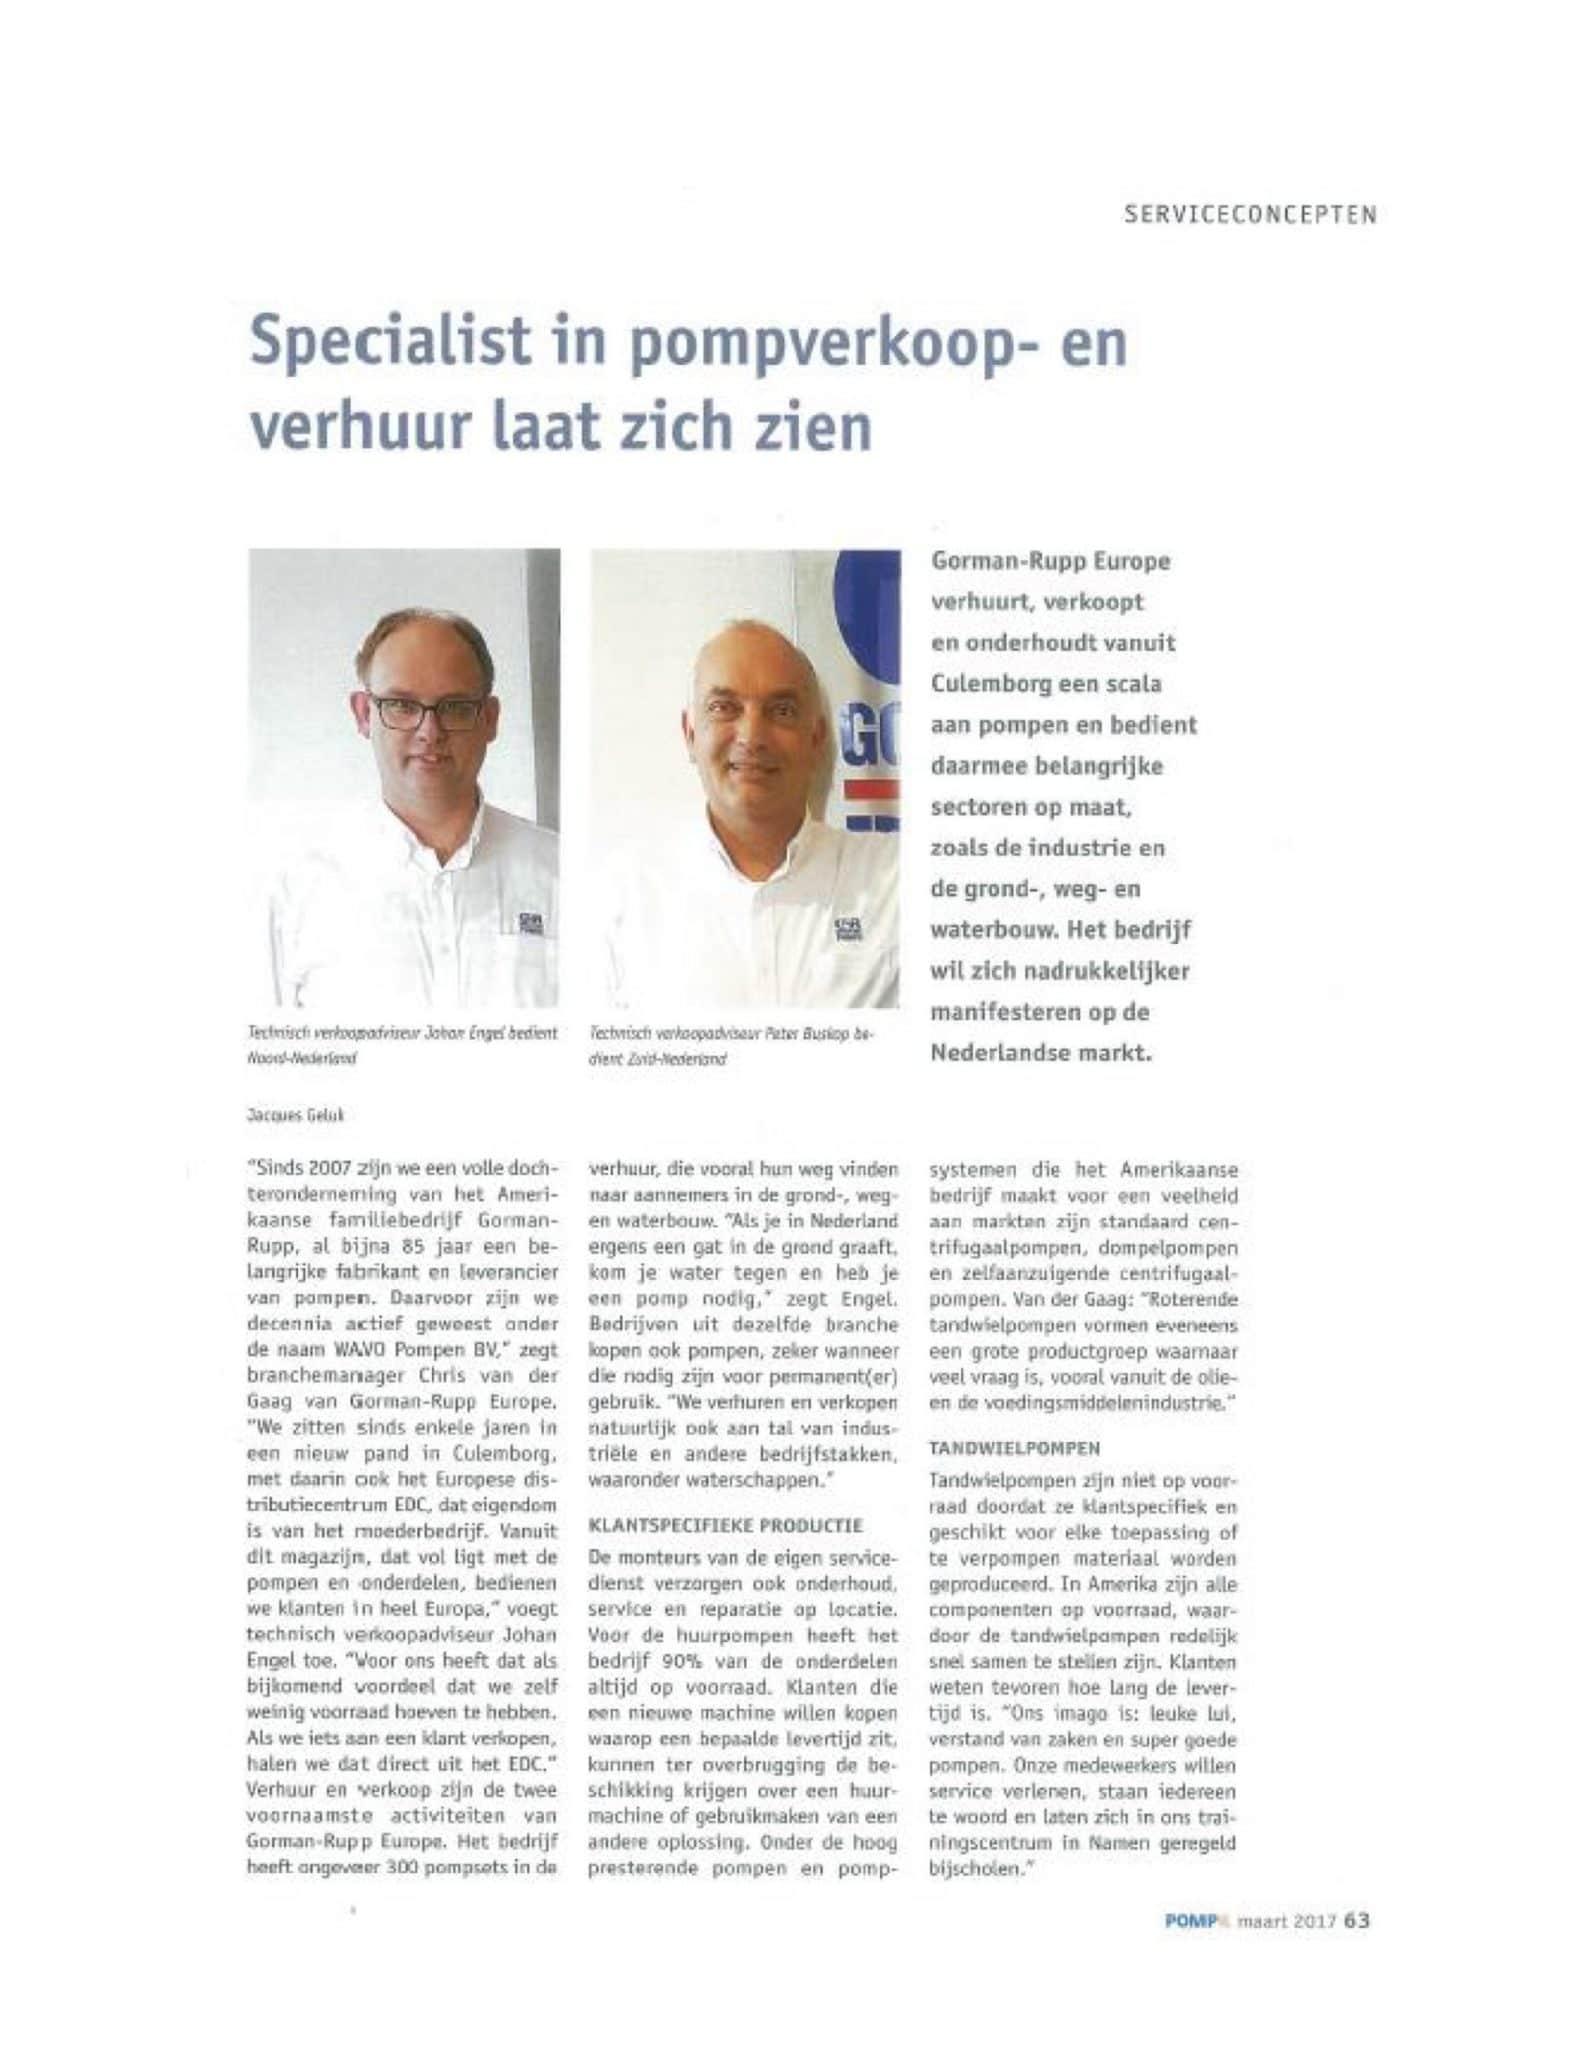 03-Artikel POMPNL uitgave 2 - 2017 2